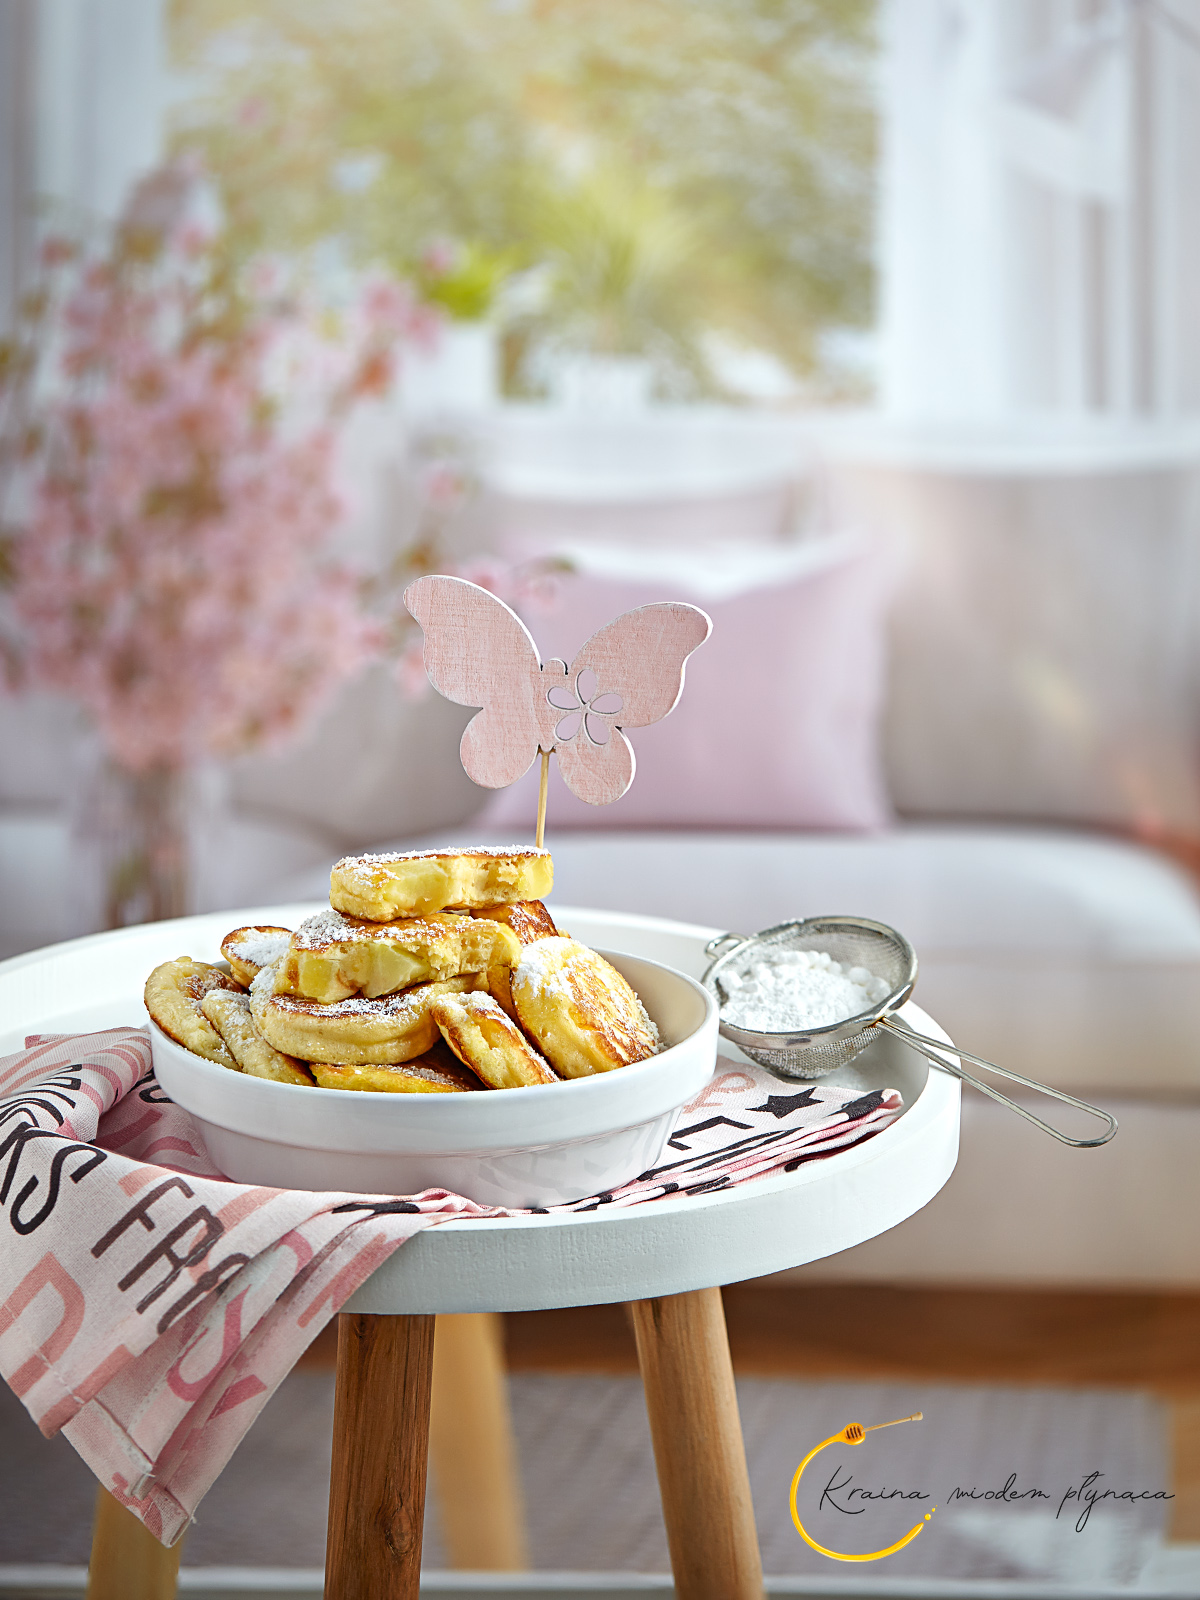 racuchy drożdżowe z jabłkami, racuszki drożdżowe, racuchy na drożdżach, placki drożdżowe, placki z jabłkami, kraina miodem płynąca, fotografia kulinarna szczecin